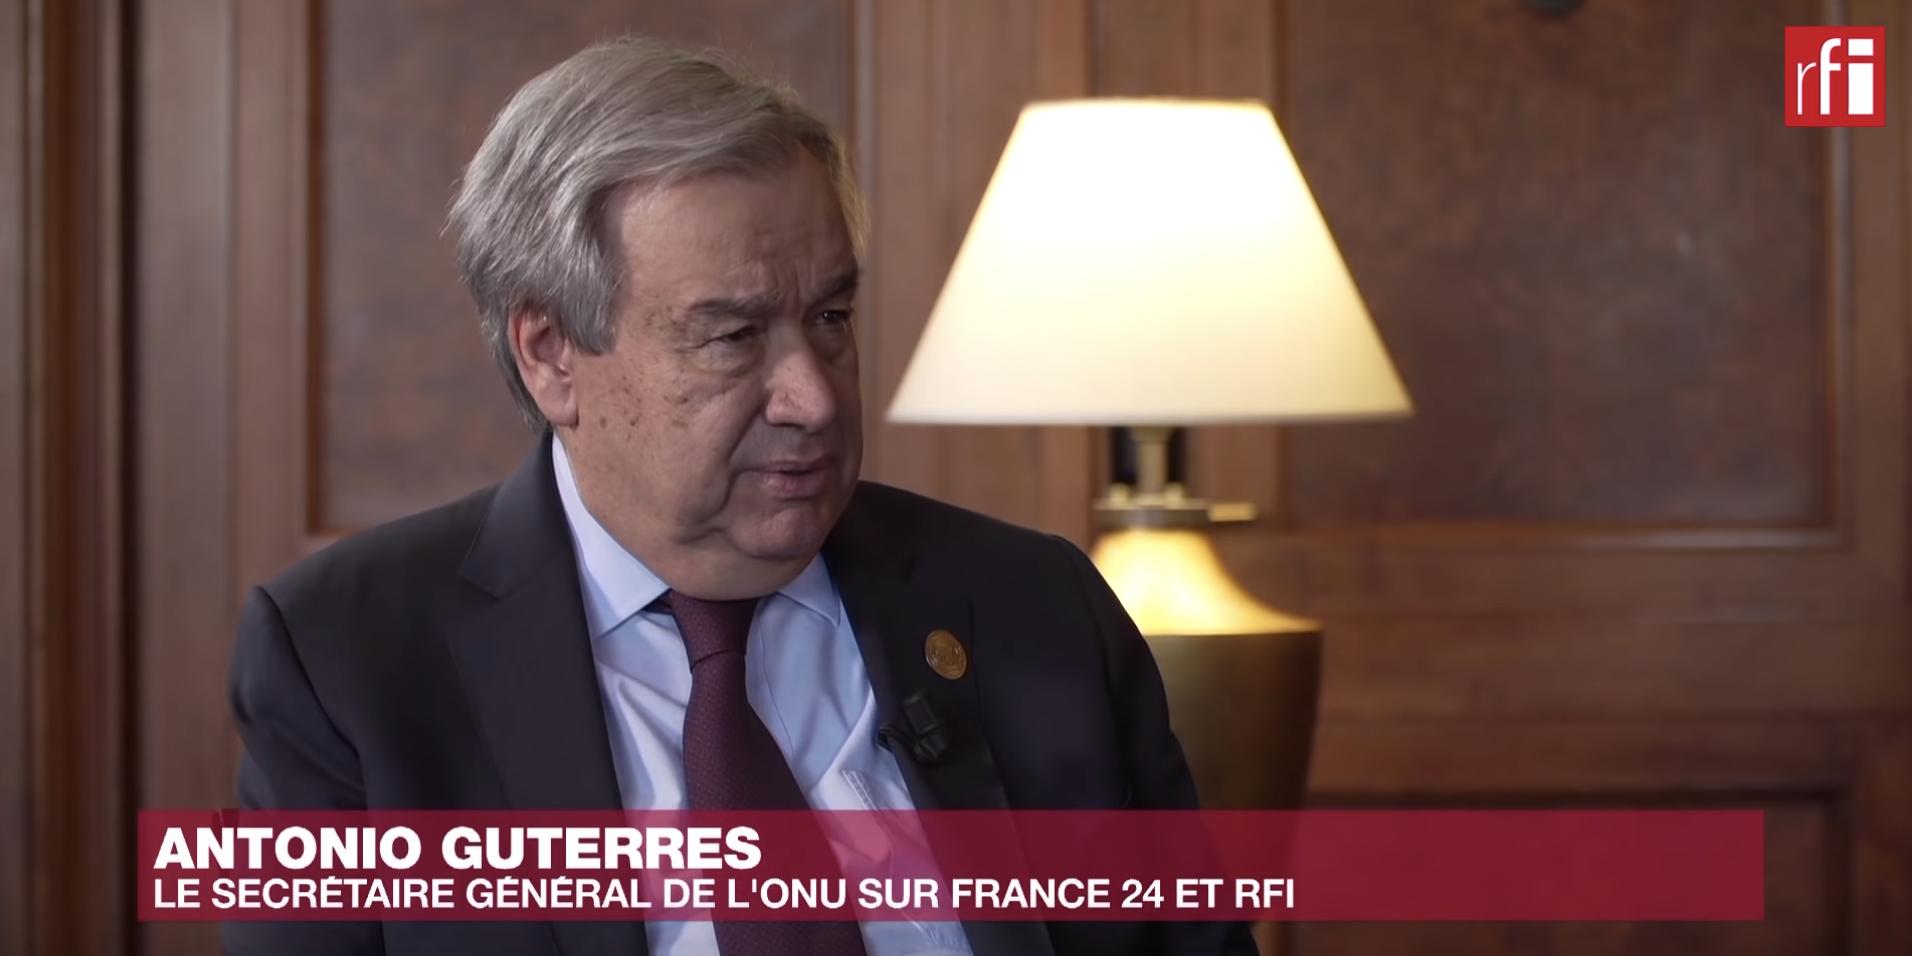 Interview d'Antonio Guterres le 9 février 2020 sur RFI